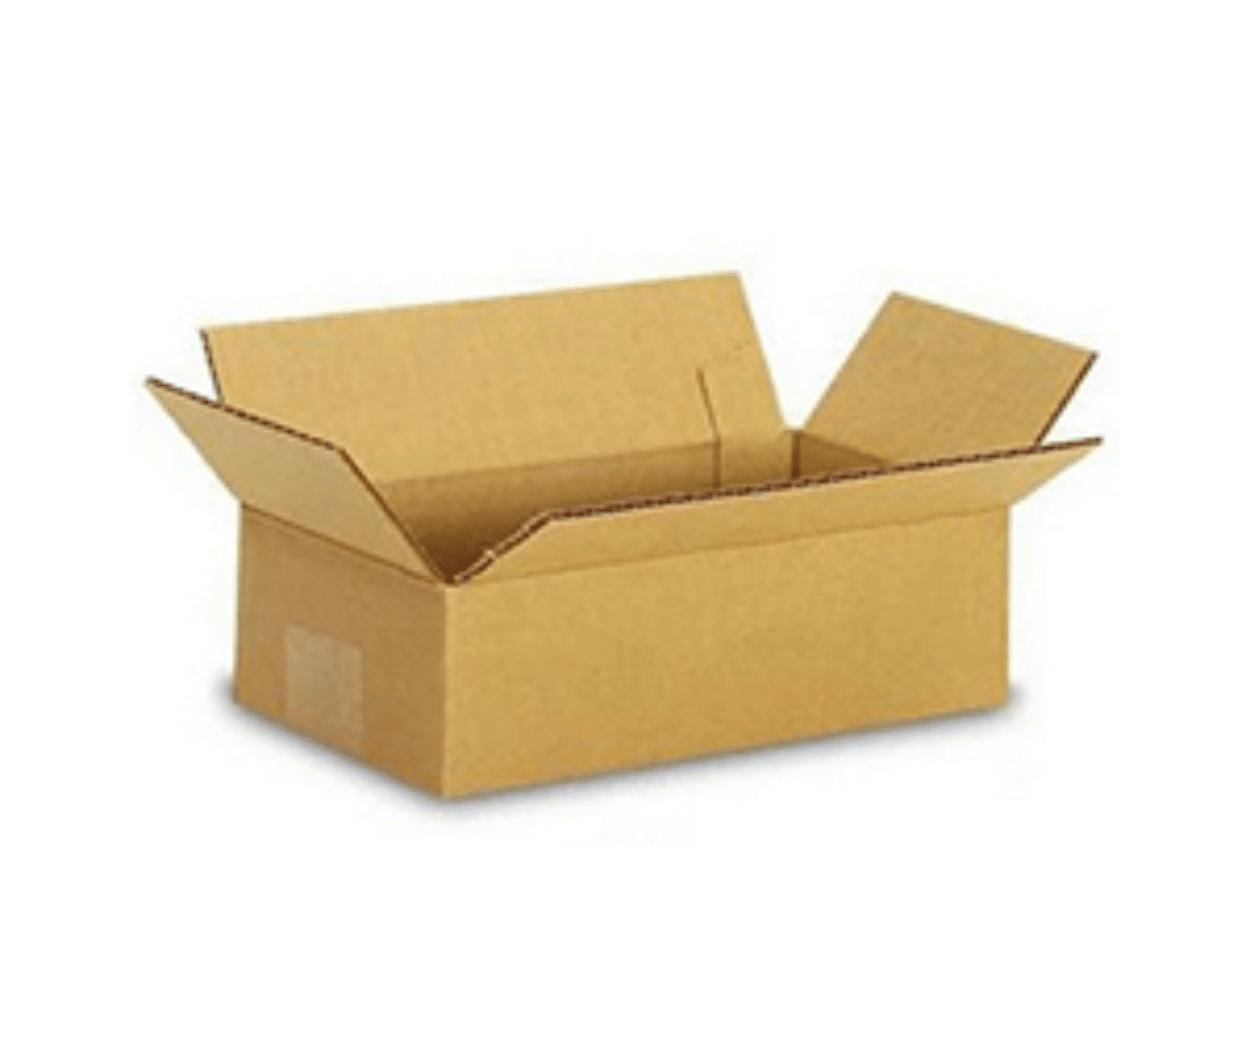 can mua thung carton o dau12 - Mua thùng carton giá rẻ ở đâu chất lượng ?